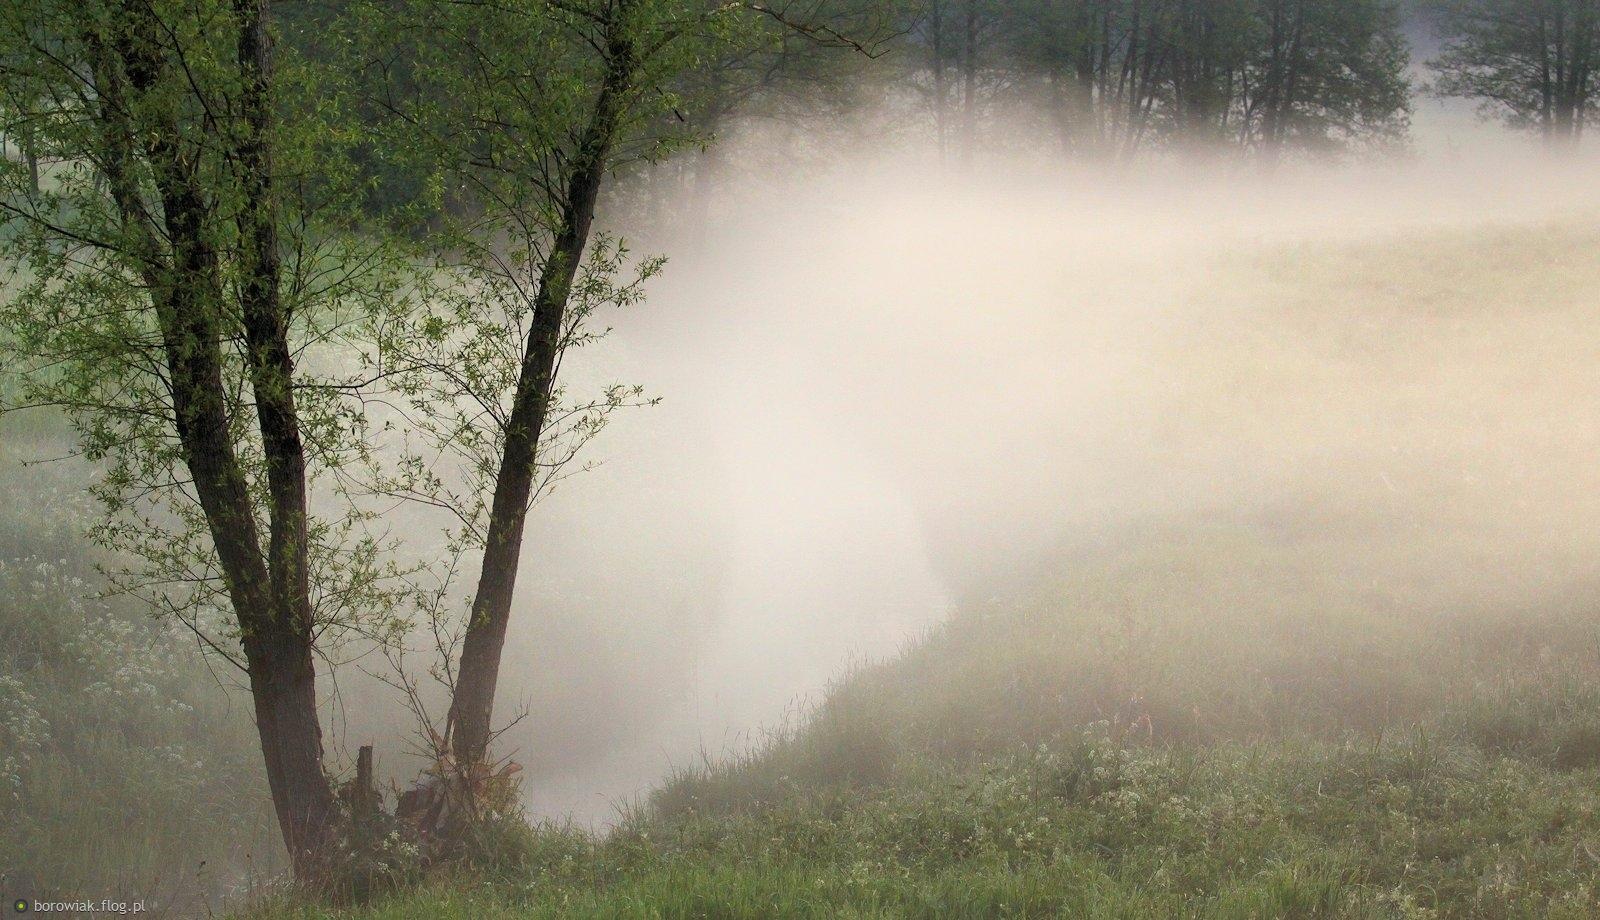 Przez łąki mgła sobie szła...